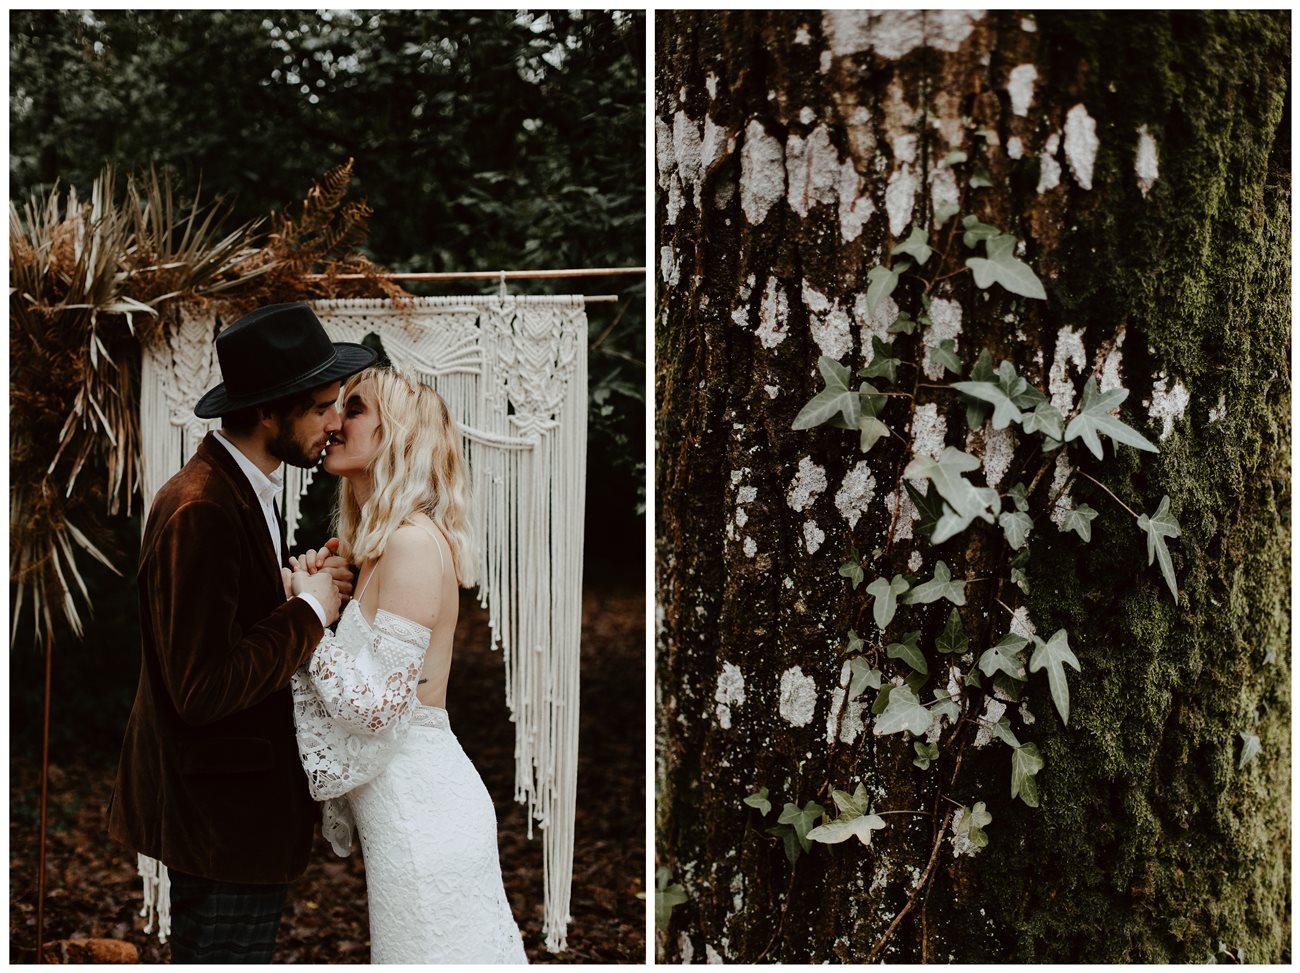 mariage bohème cérémonie laïque portrait mariés bisou détail nature